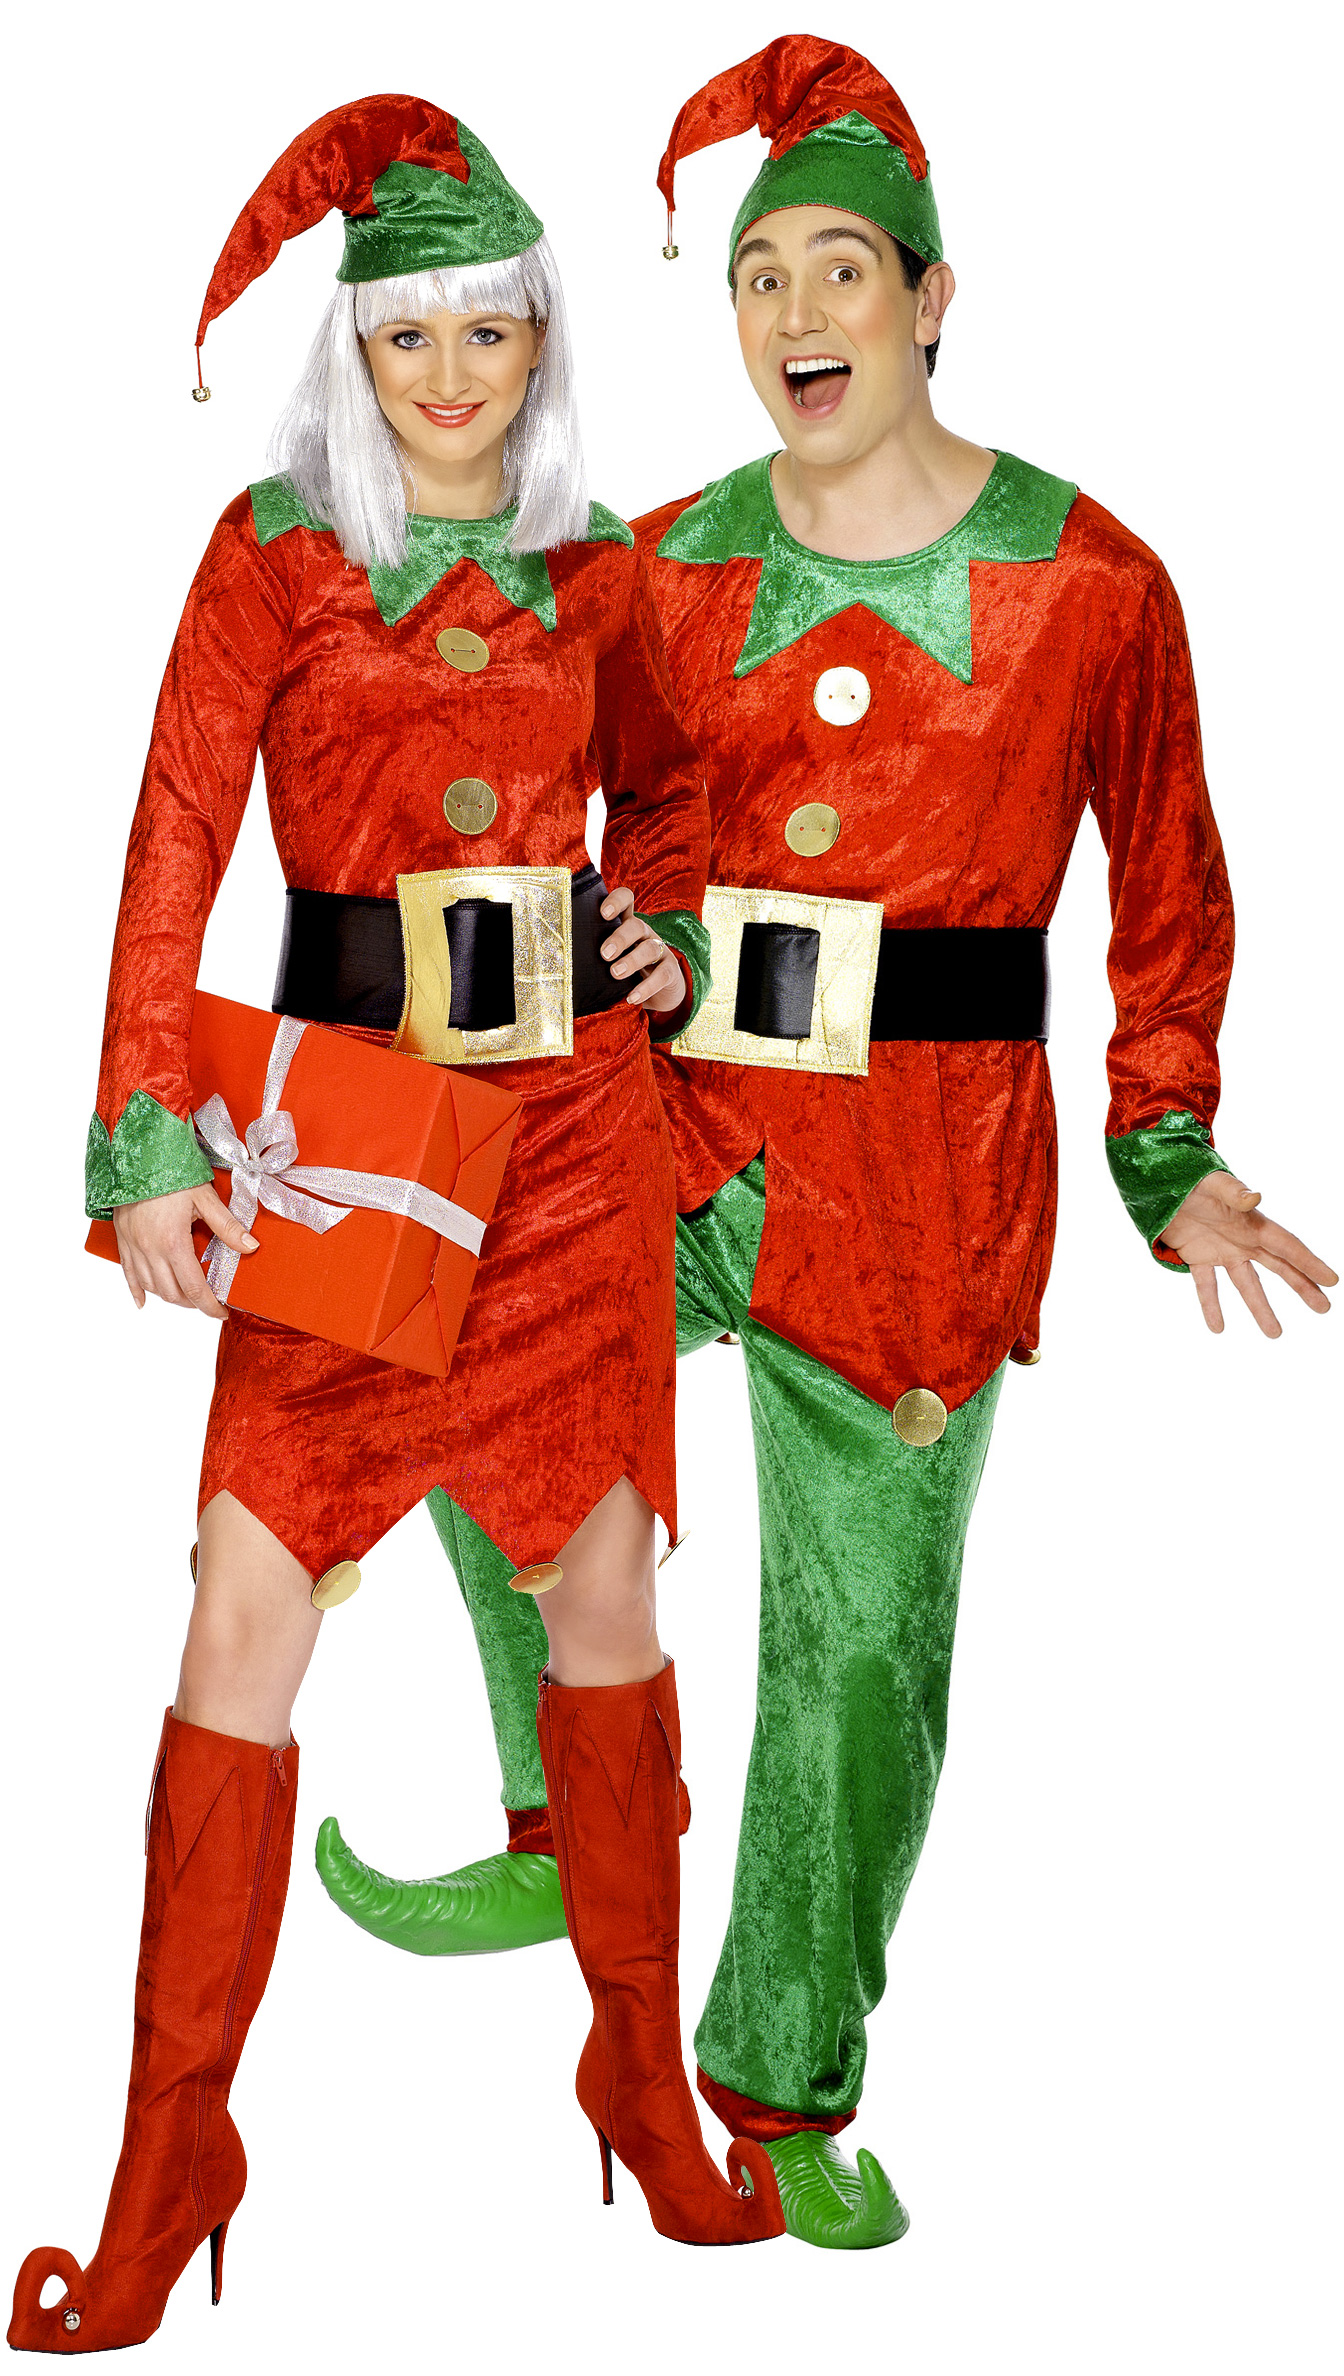 e7fe6c673a7e8 Déguisement couple d elfes de Noël   Lutin du Père Noël - Fête de ...